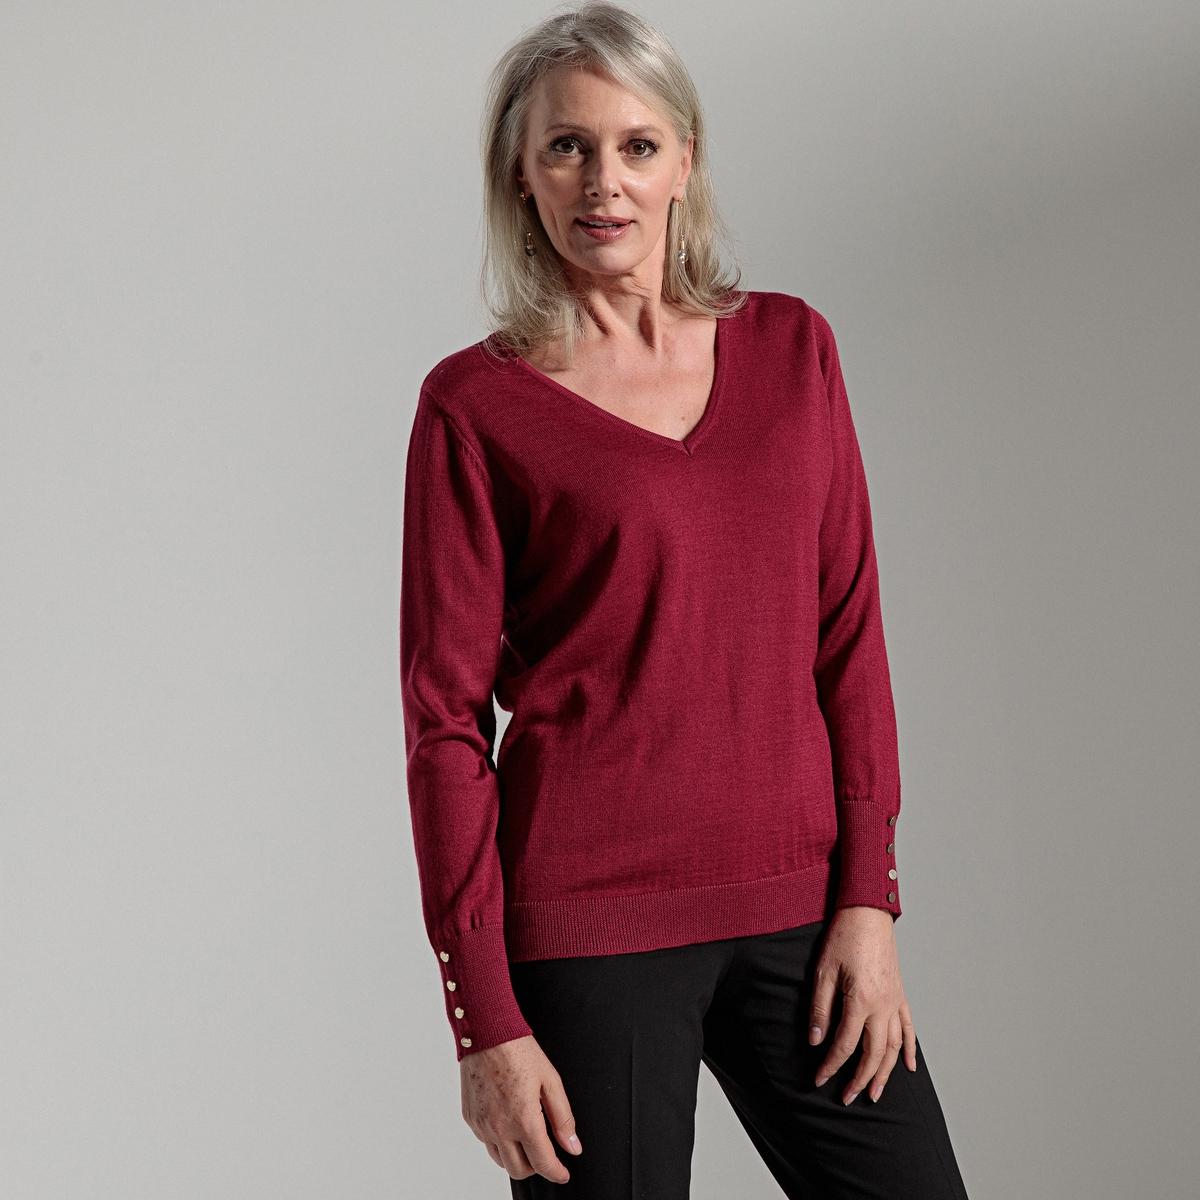 купить Пуловер с V-образным вырезом из тонкого трикотажа, 50% мериносовой шерсти по цене 3299 рублей